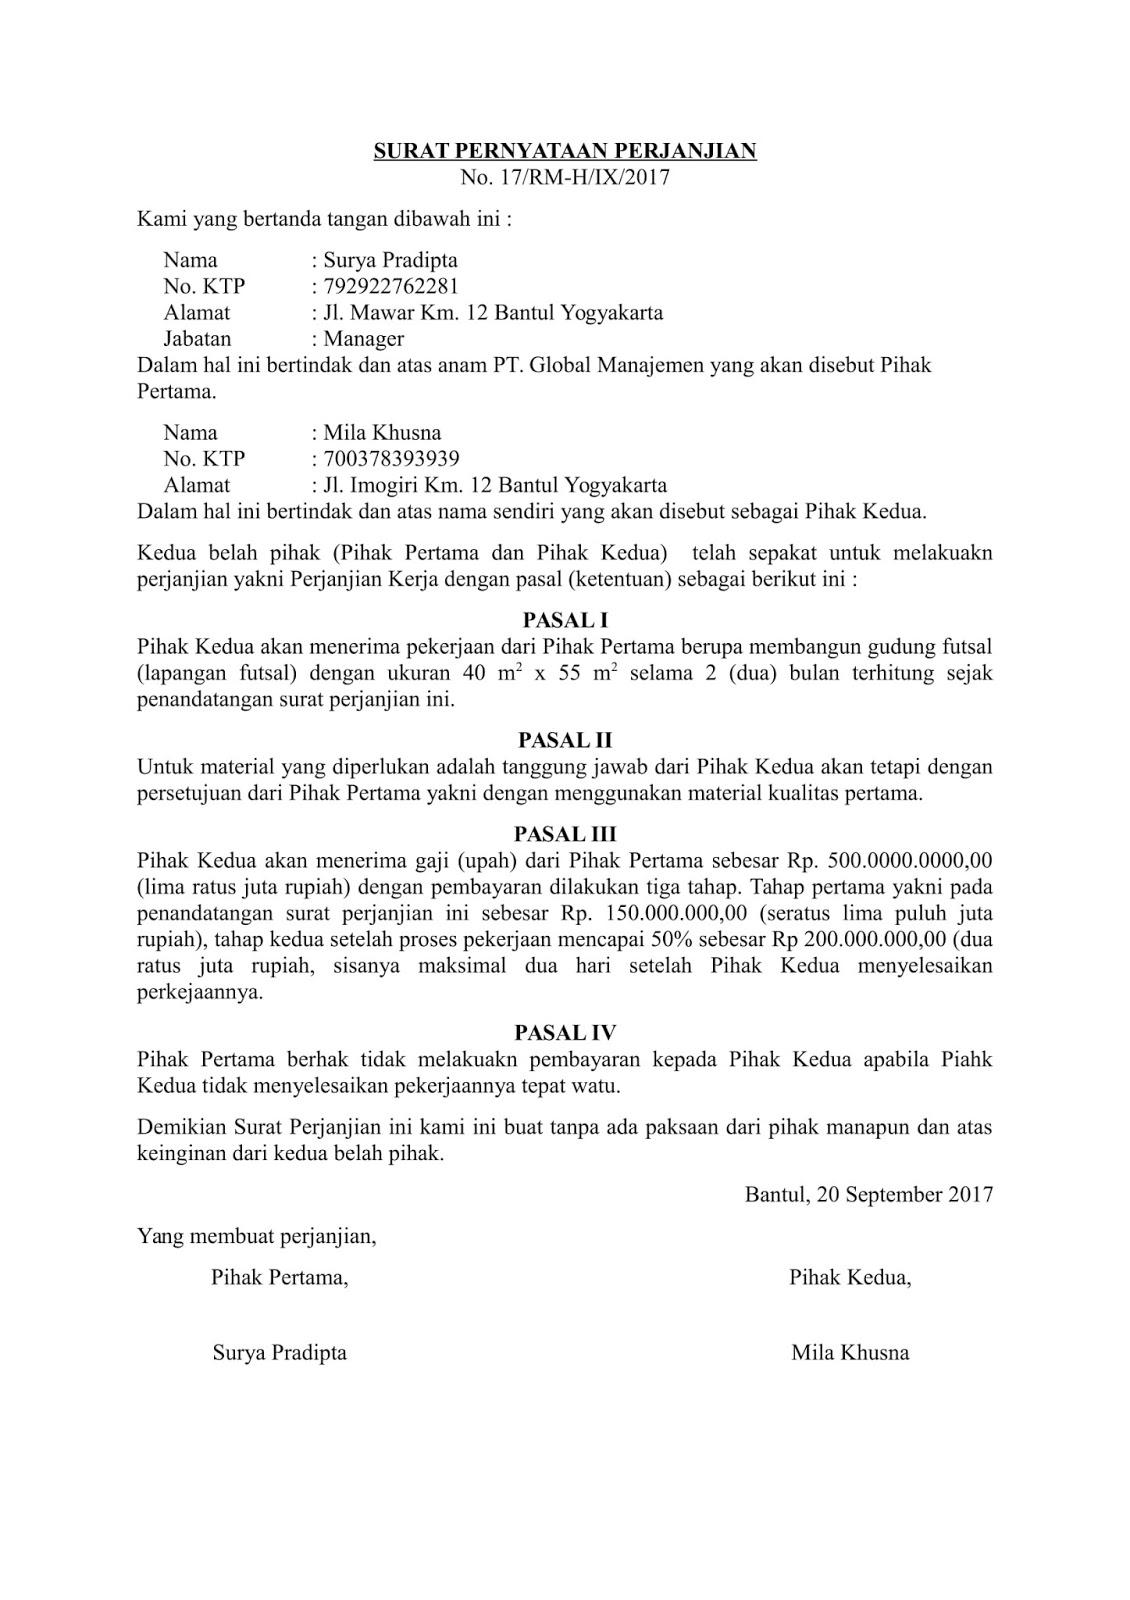 contoh surat pernyataan perjanjian - wood scribd indo